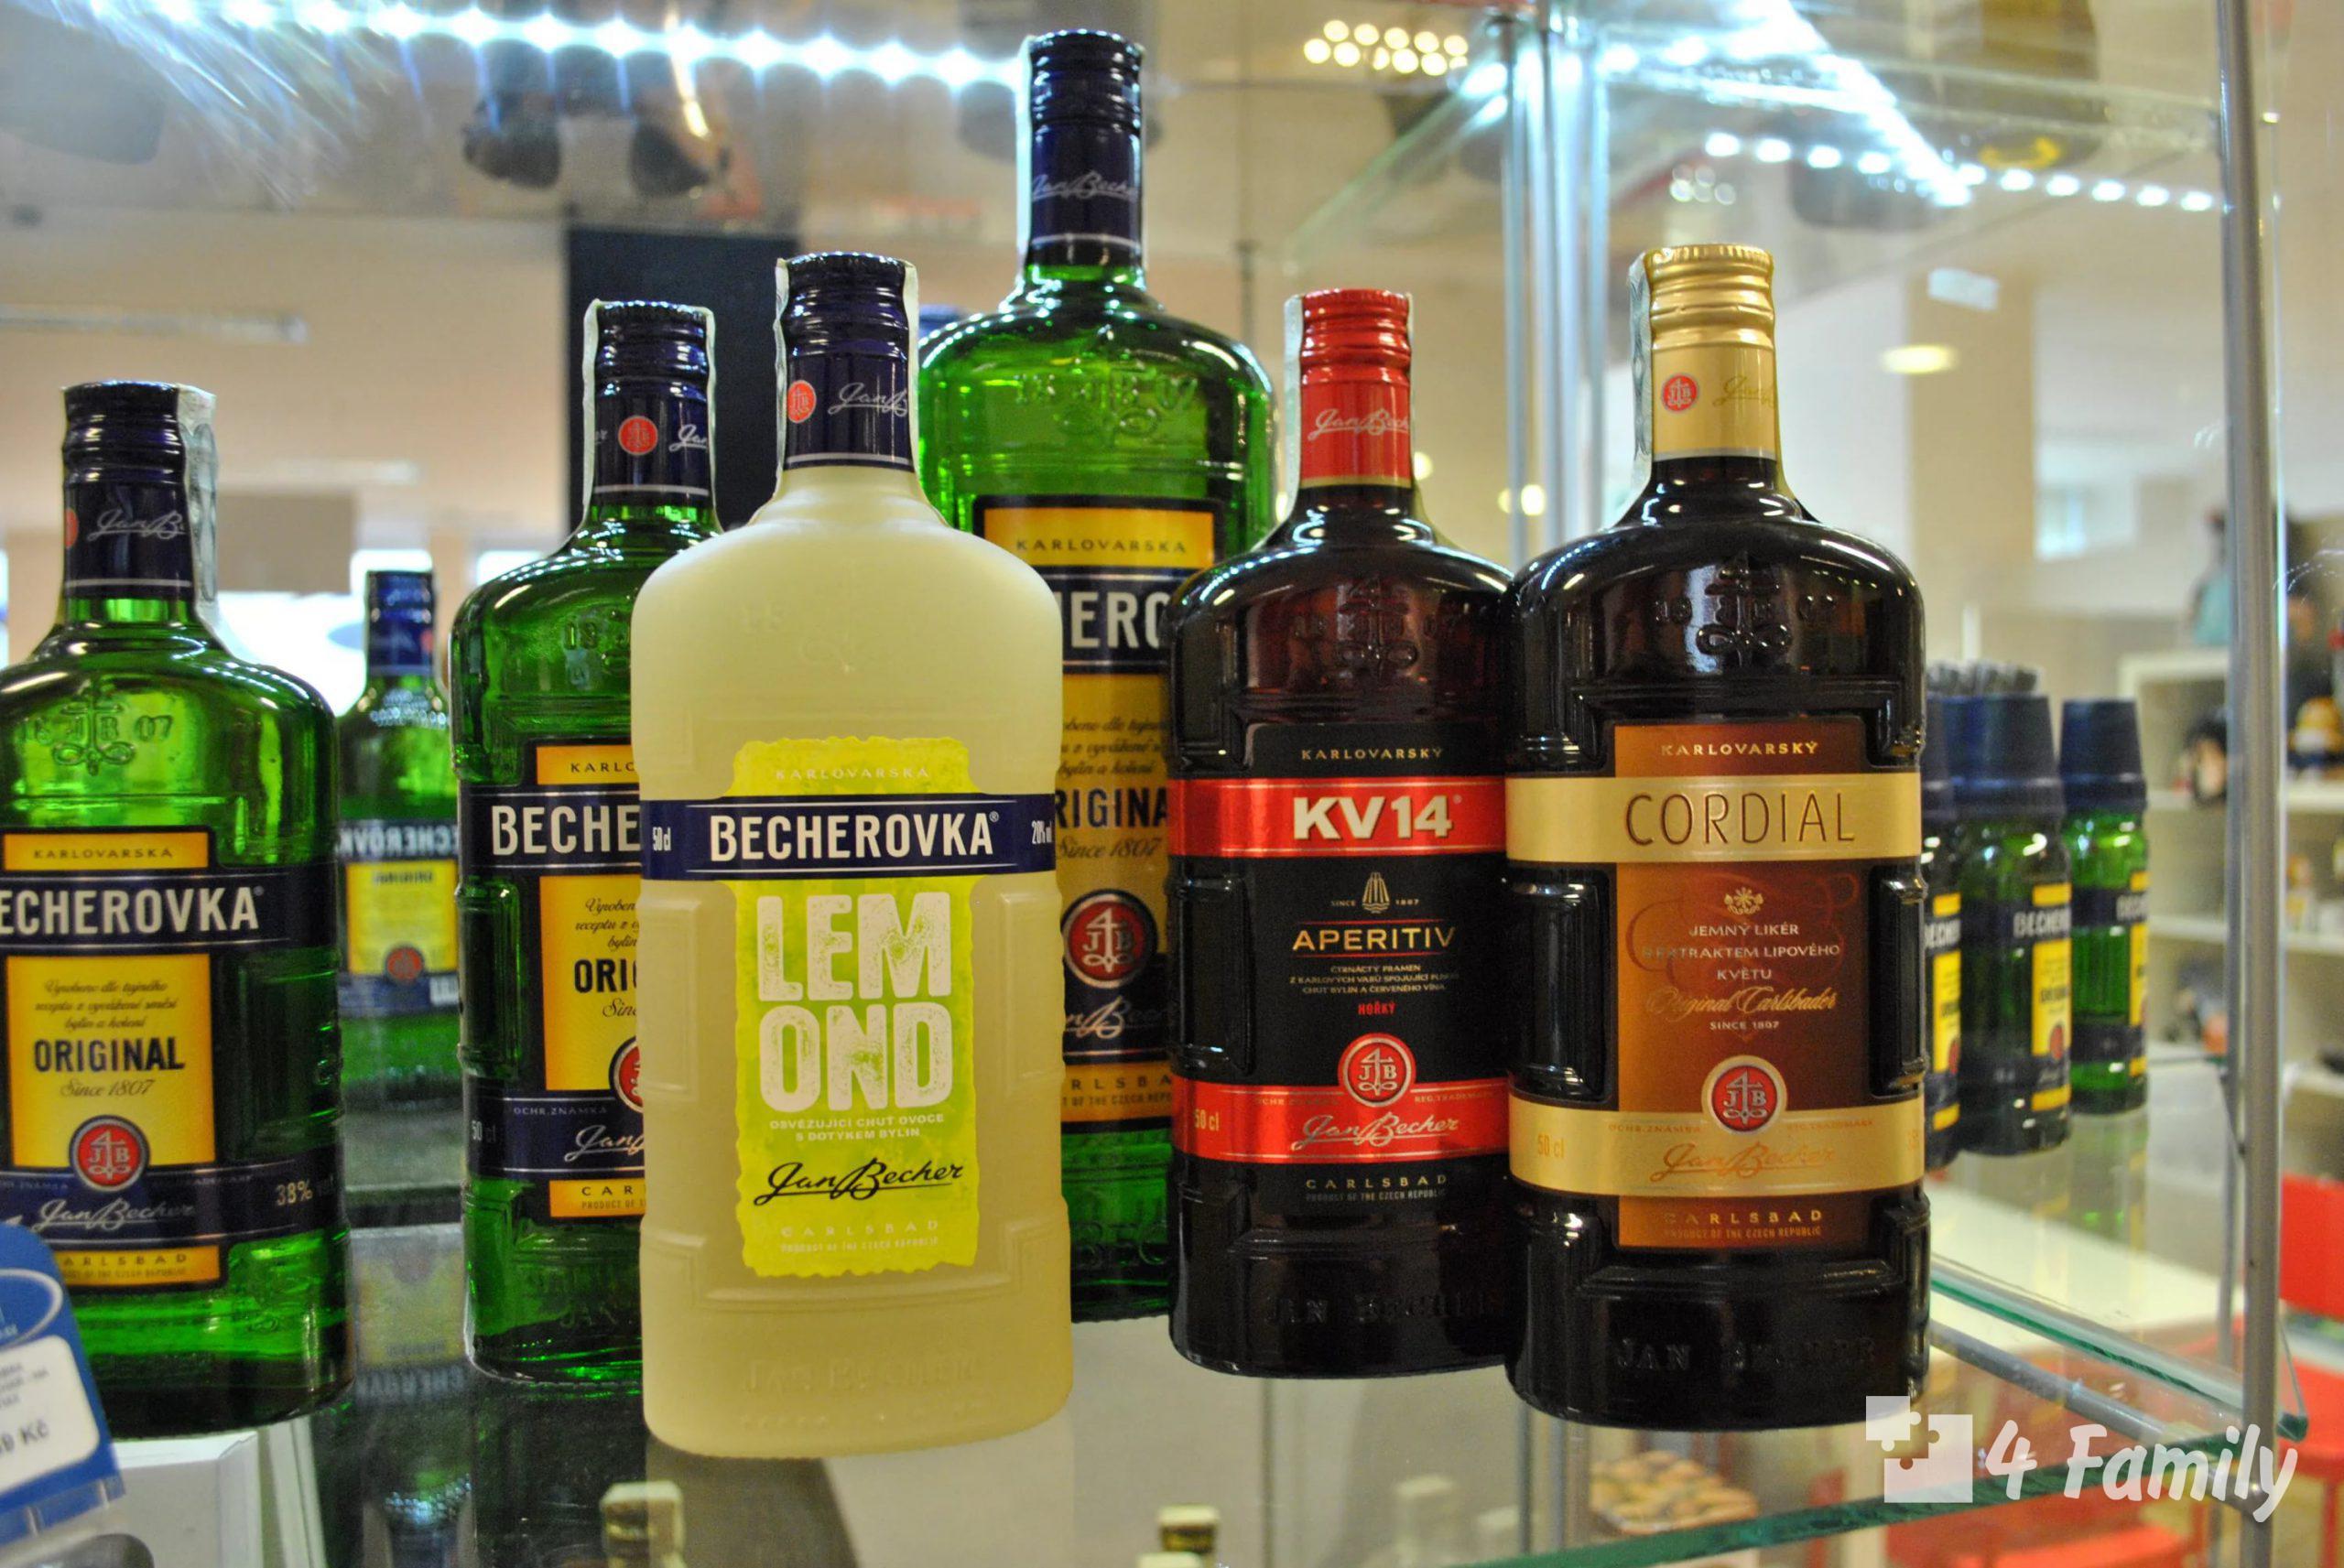 4family Бехеровка: как пить, как отличить подделку